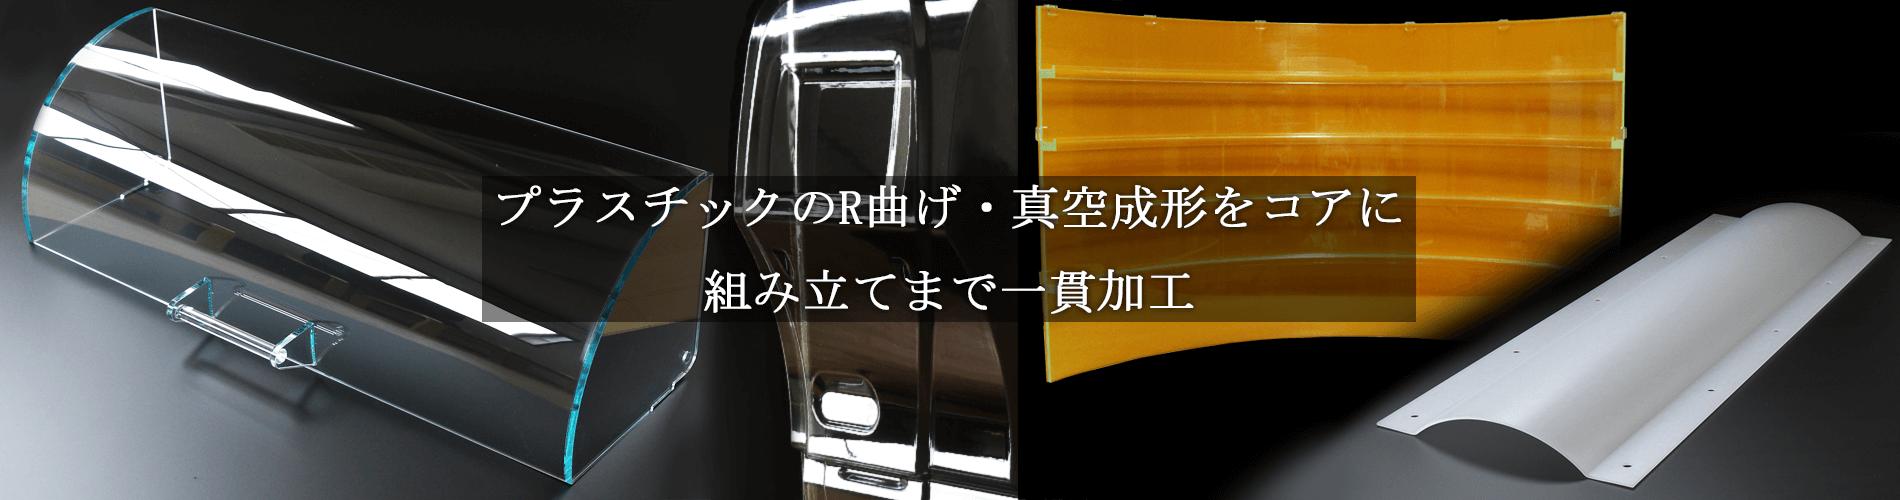 プラスチックのR曲げ・真空成形をコアに組立まで一貫加工